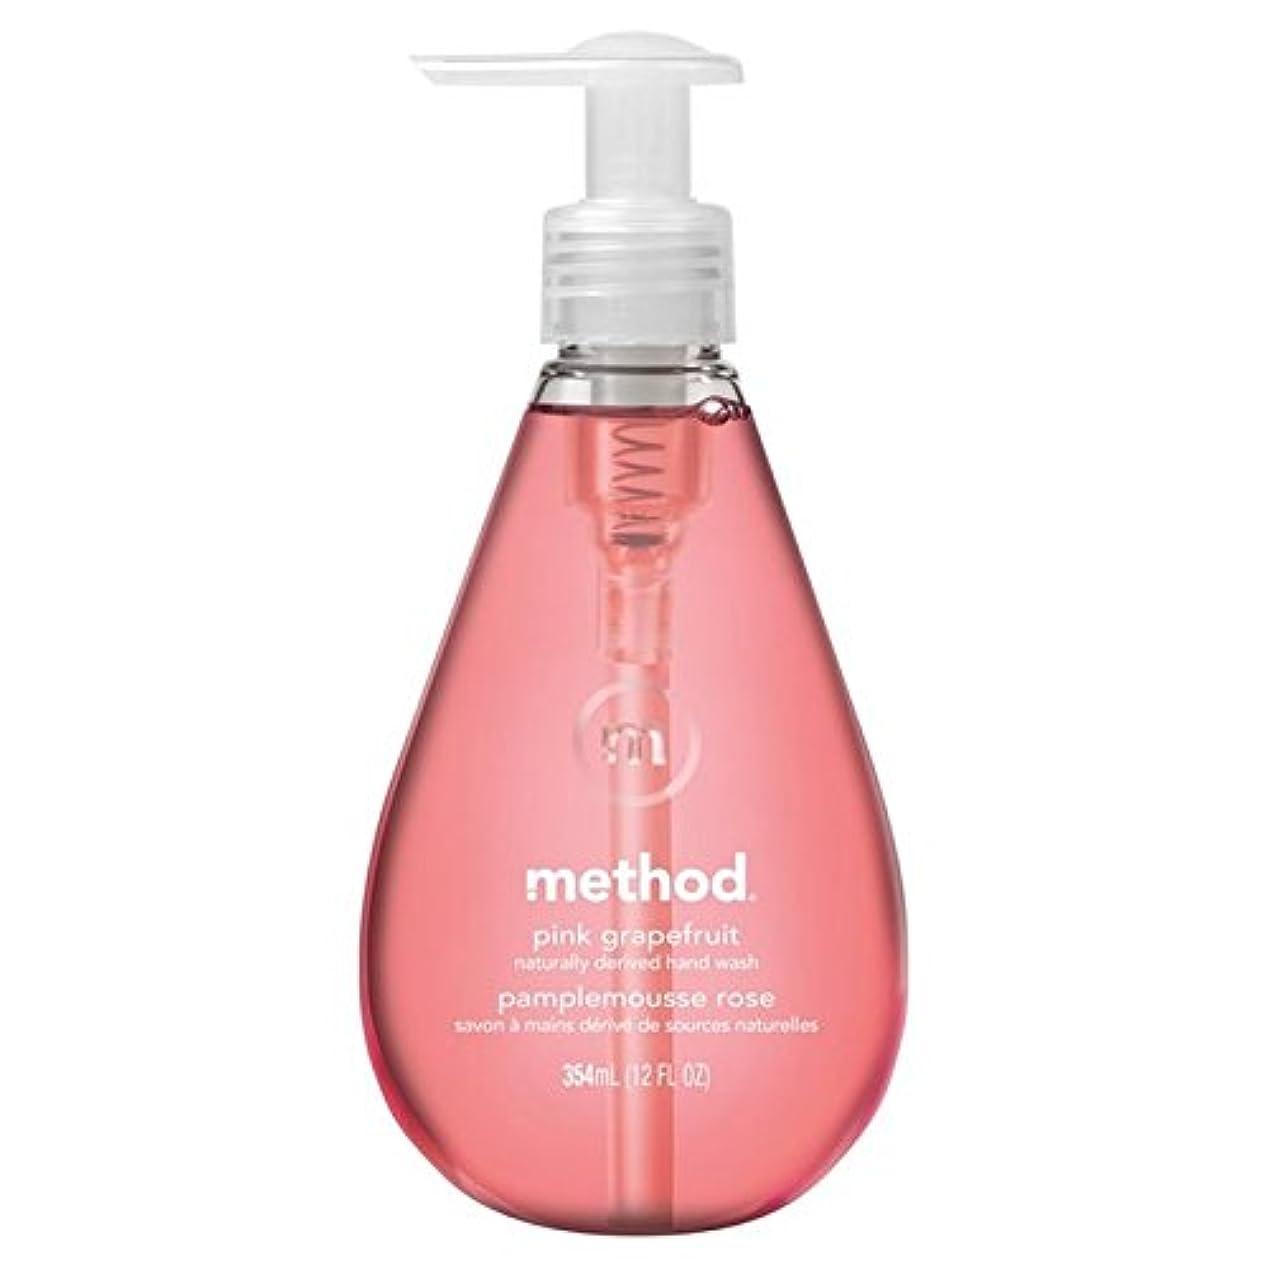 一般的に鳴り響く肺メソッドピンクグレープフルーツの354ミリリットル x2 - Method Pink Grapefruit Handsoap 354ml (Pack of 2) [並行輸入品]